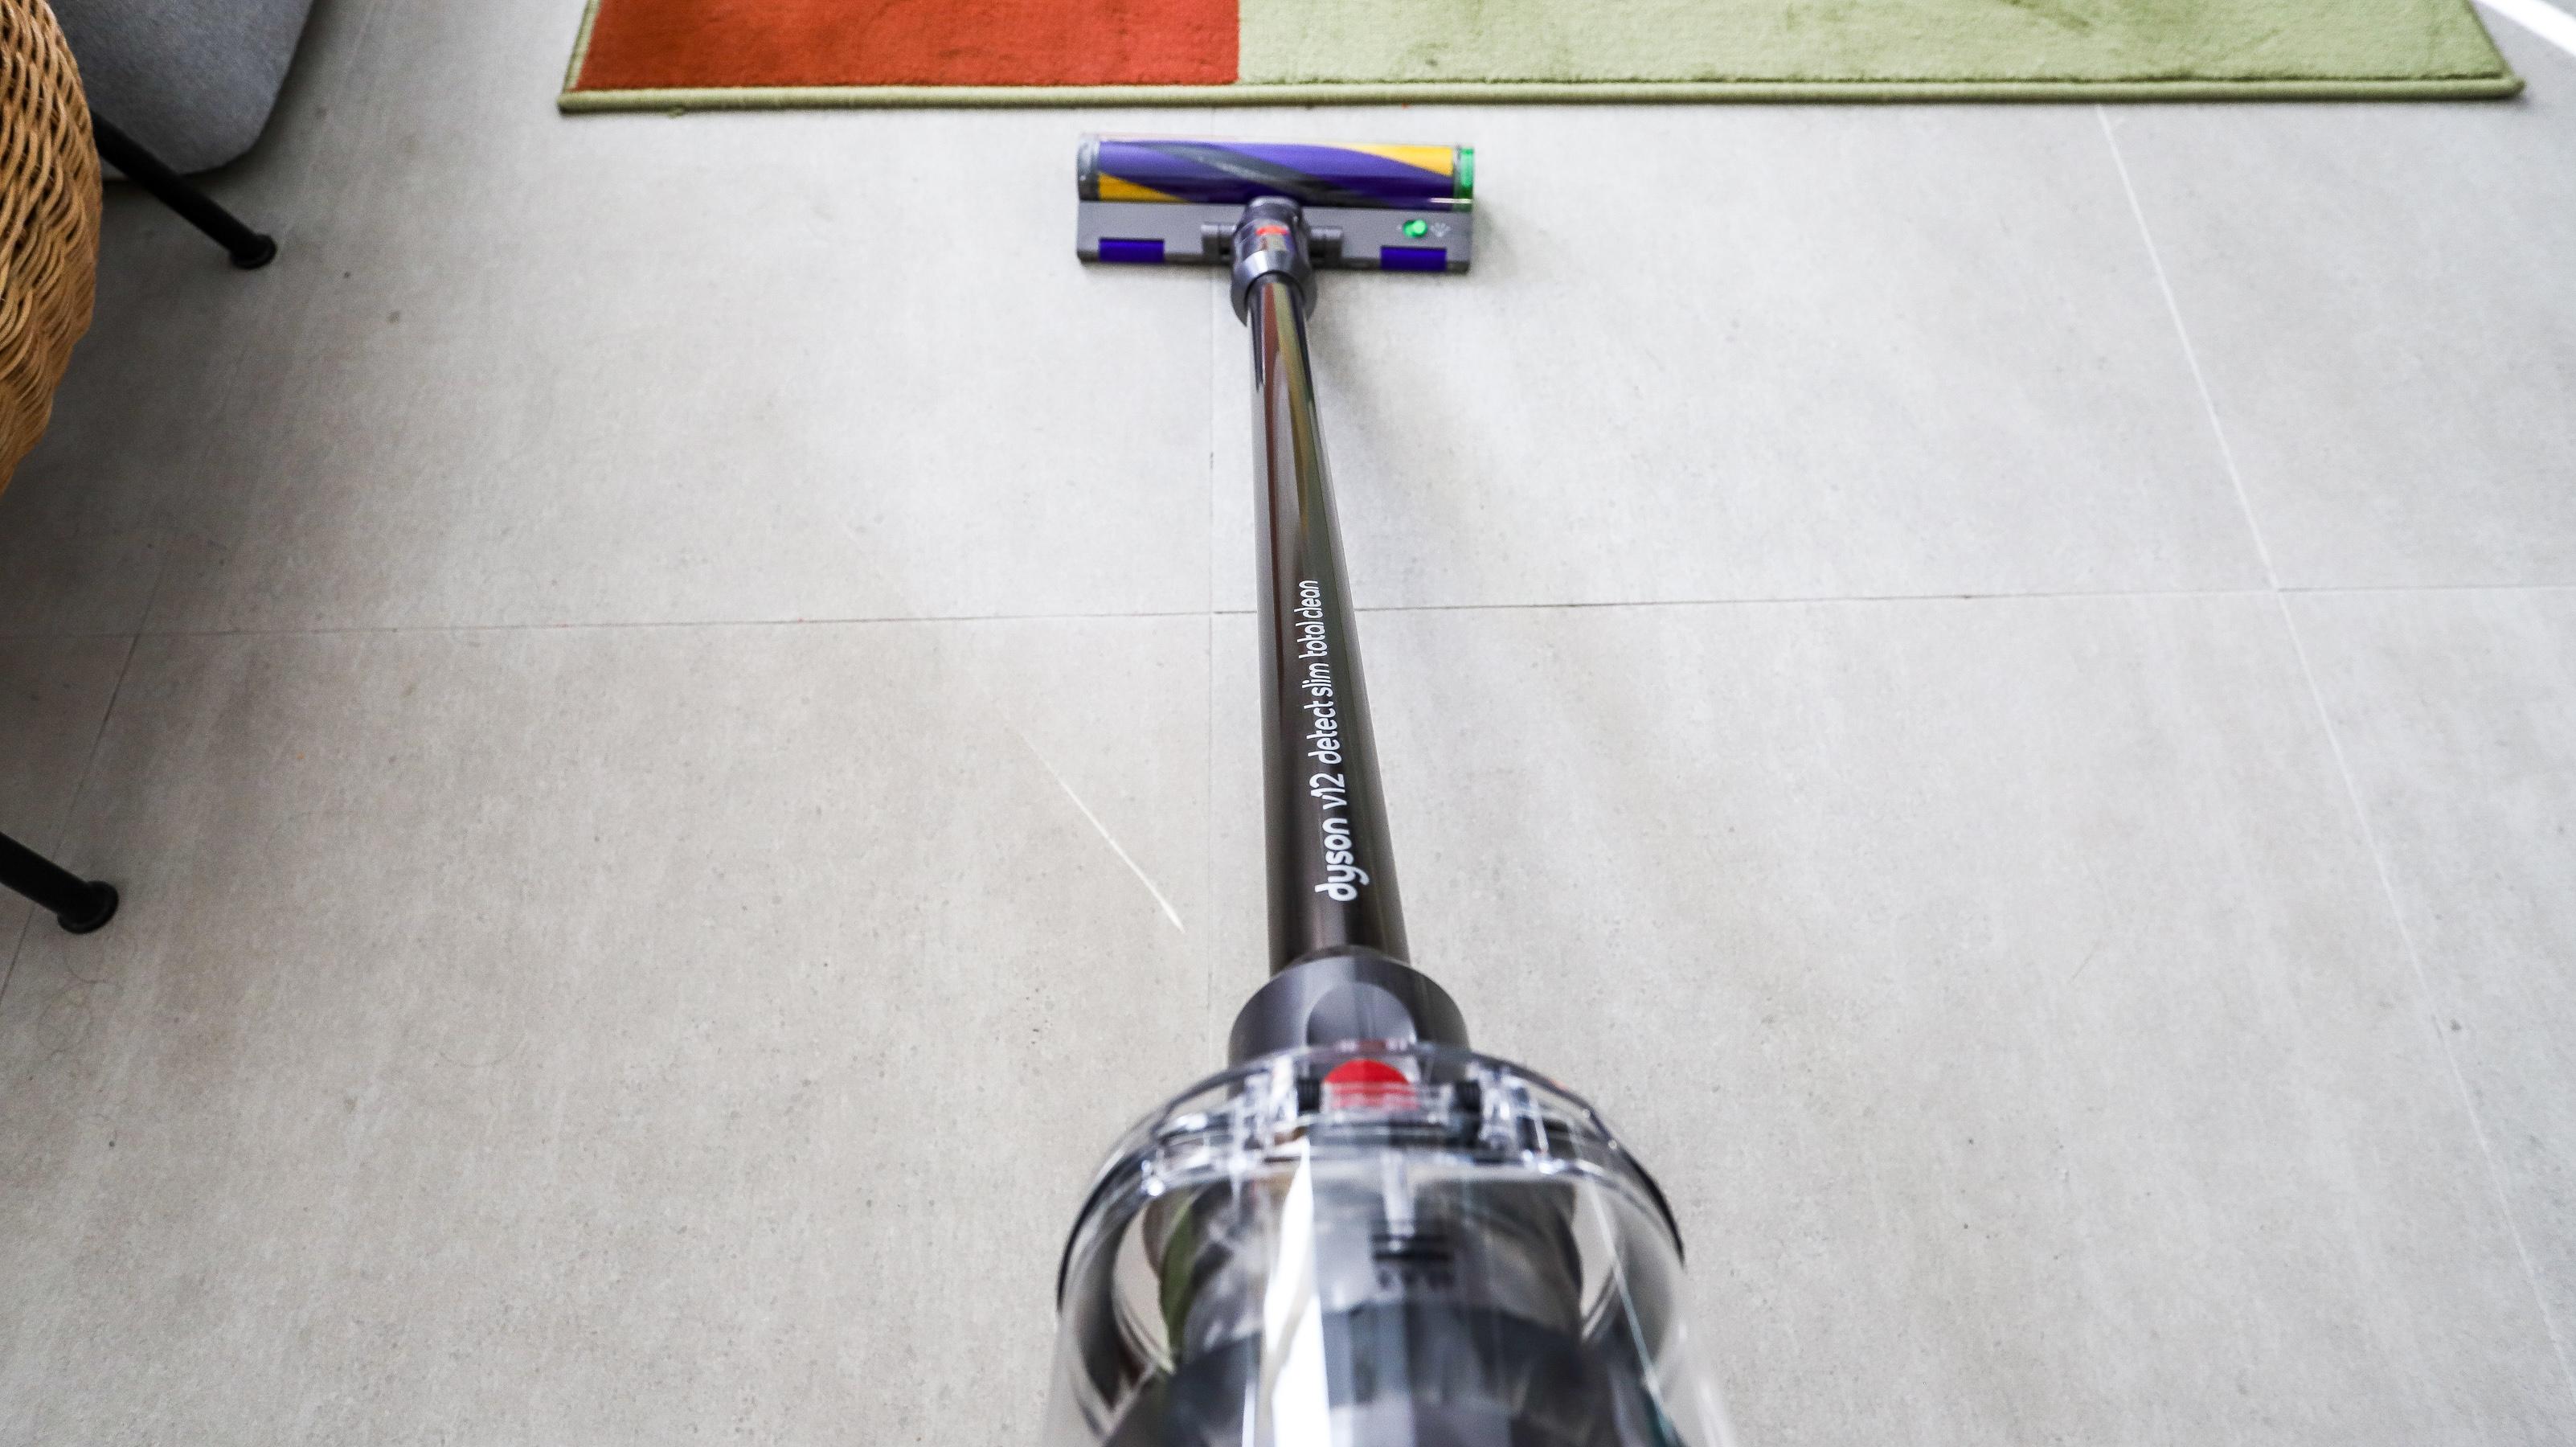 Dyson V12 Detect Slim branding on tube